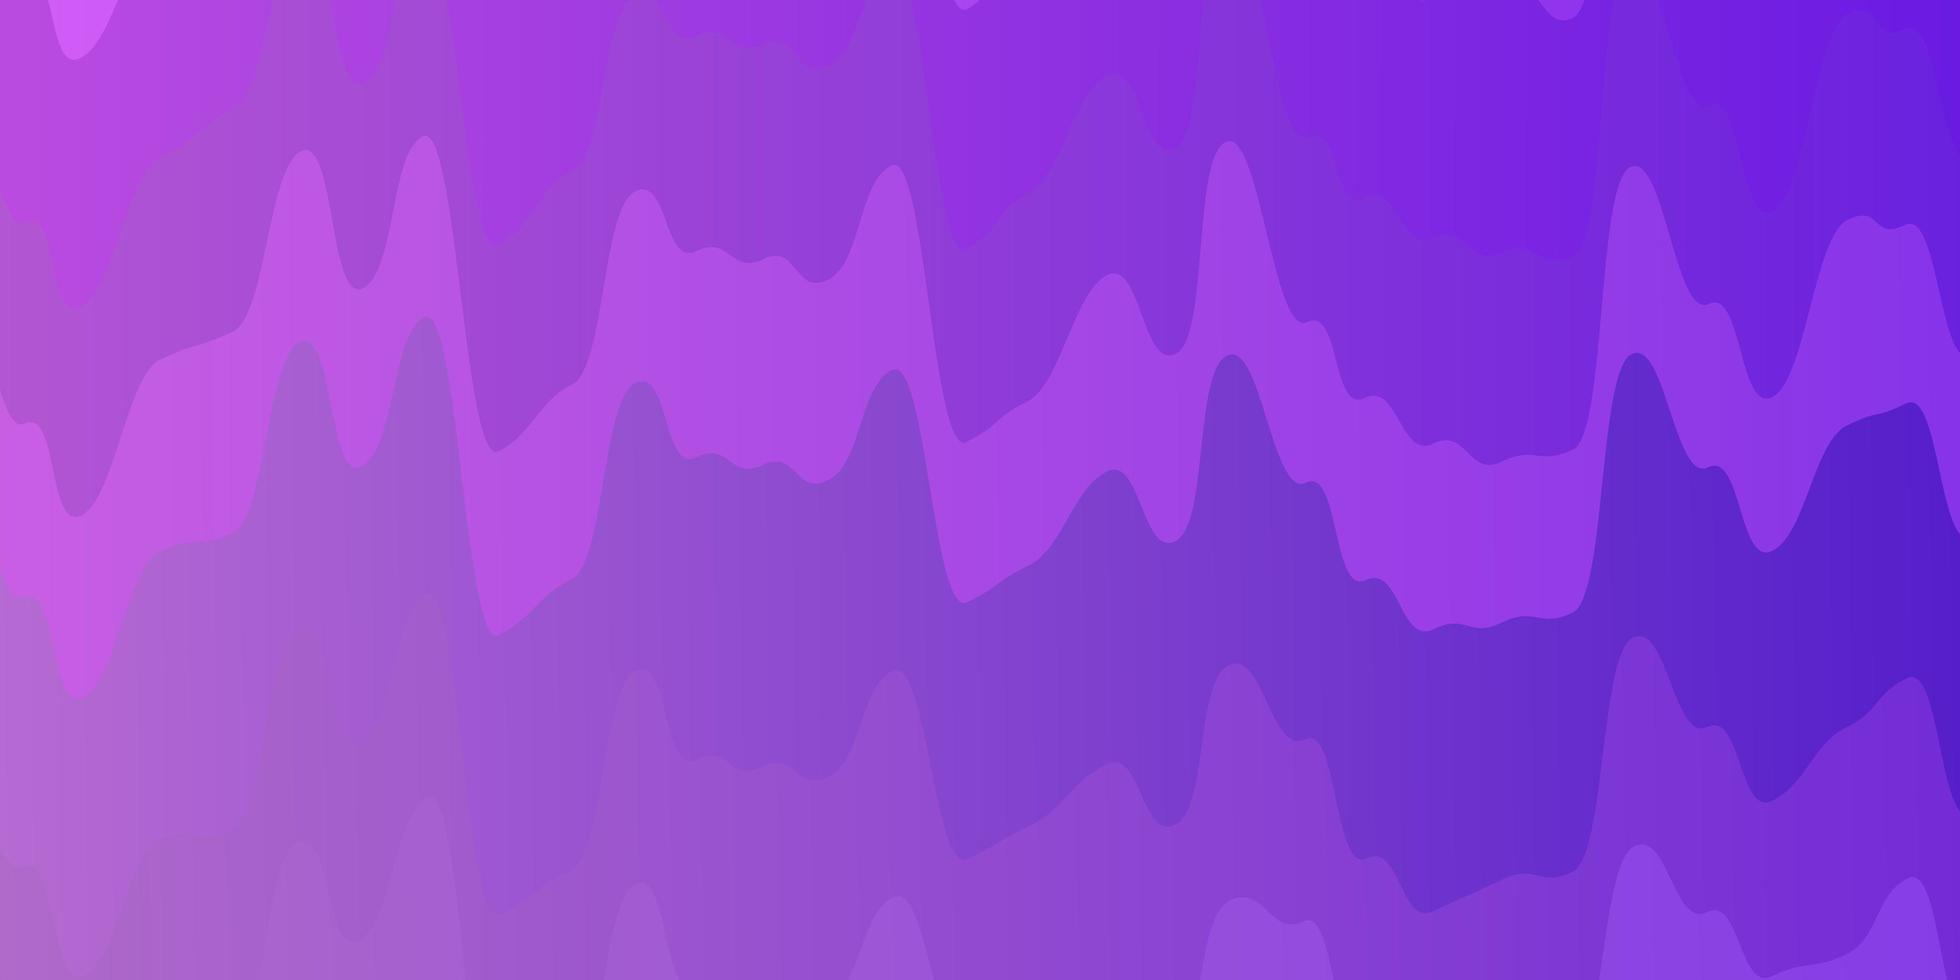 disposition de vecteur violet clair avec des lignes ironiques.